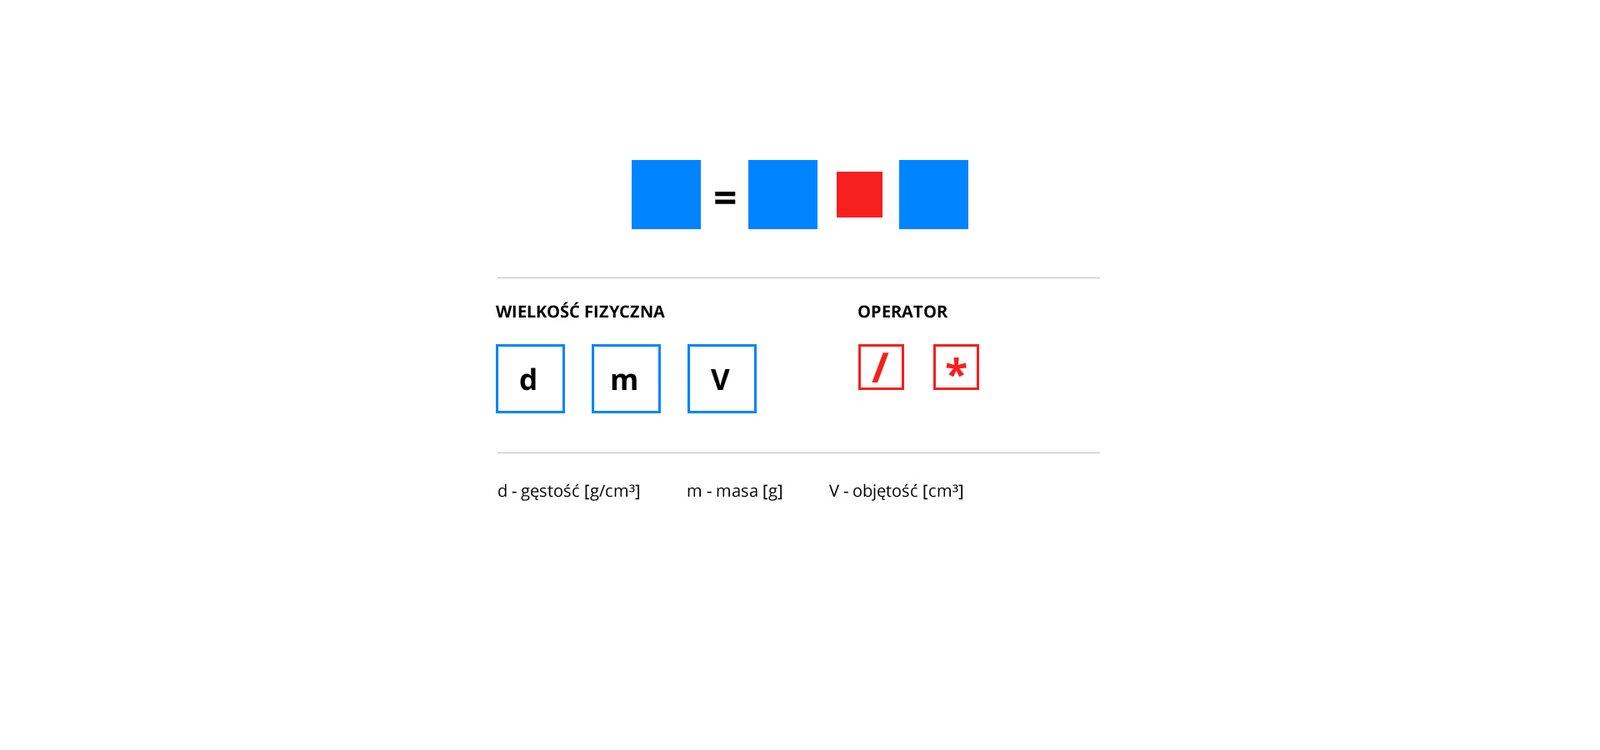 Aplikacja umożliwia przekształcanie wzoru na gęstość. Waplikacji zaprezentowano cztery kwadraty. Trzy niebieskie otej samej wielkości ijeden różowy. Różowy kwadrat jest nieco mniejszy. Kwadraty umieszczono wjednym, poziomym rzędzie. Pierwszy jest niebieski kwadrat. Po nim umieszczono znak równości. Po znaku równości znajdują się kolejno: kwadrat niebieski, kwadrat różowy, kwadrat niebieski. Wkwadratach niebieskich, za pomocą myszy komputera, można umieścić wielkości fizyczne. Wielkości fizyczne znajdują się na liście poniżej kwadratów. Są to: d– gęstość, m– masa, V– objętość. Wkwadracie różowym można umieścić jeden zdwóch operatorów: znak mnożenia albo znak dzielenia.